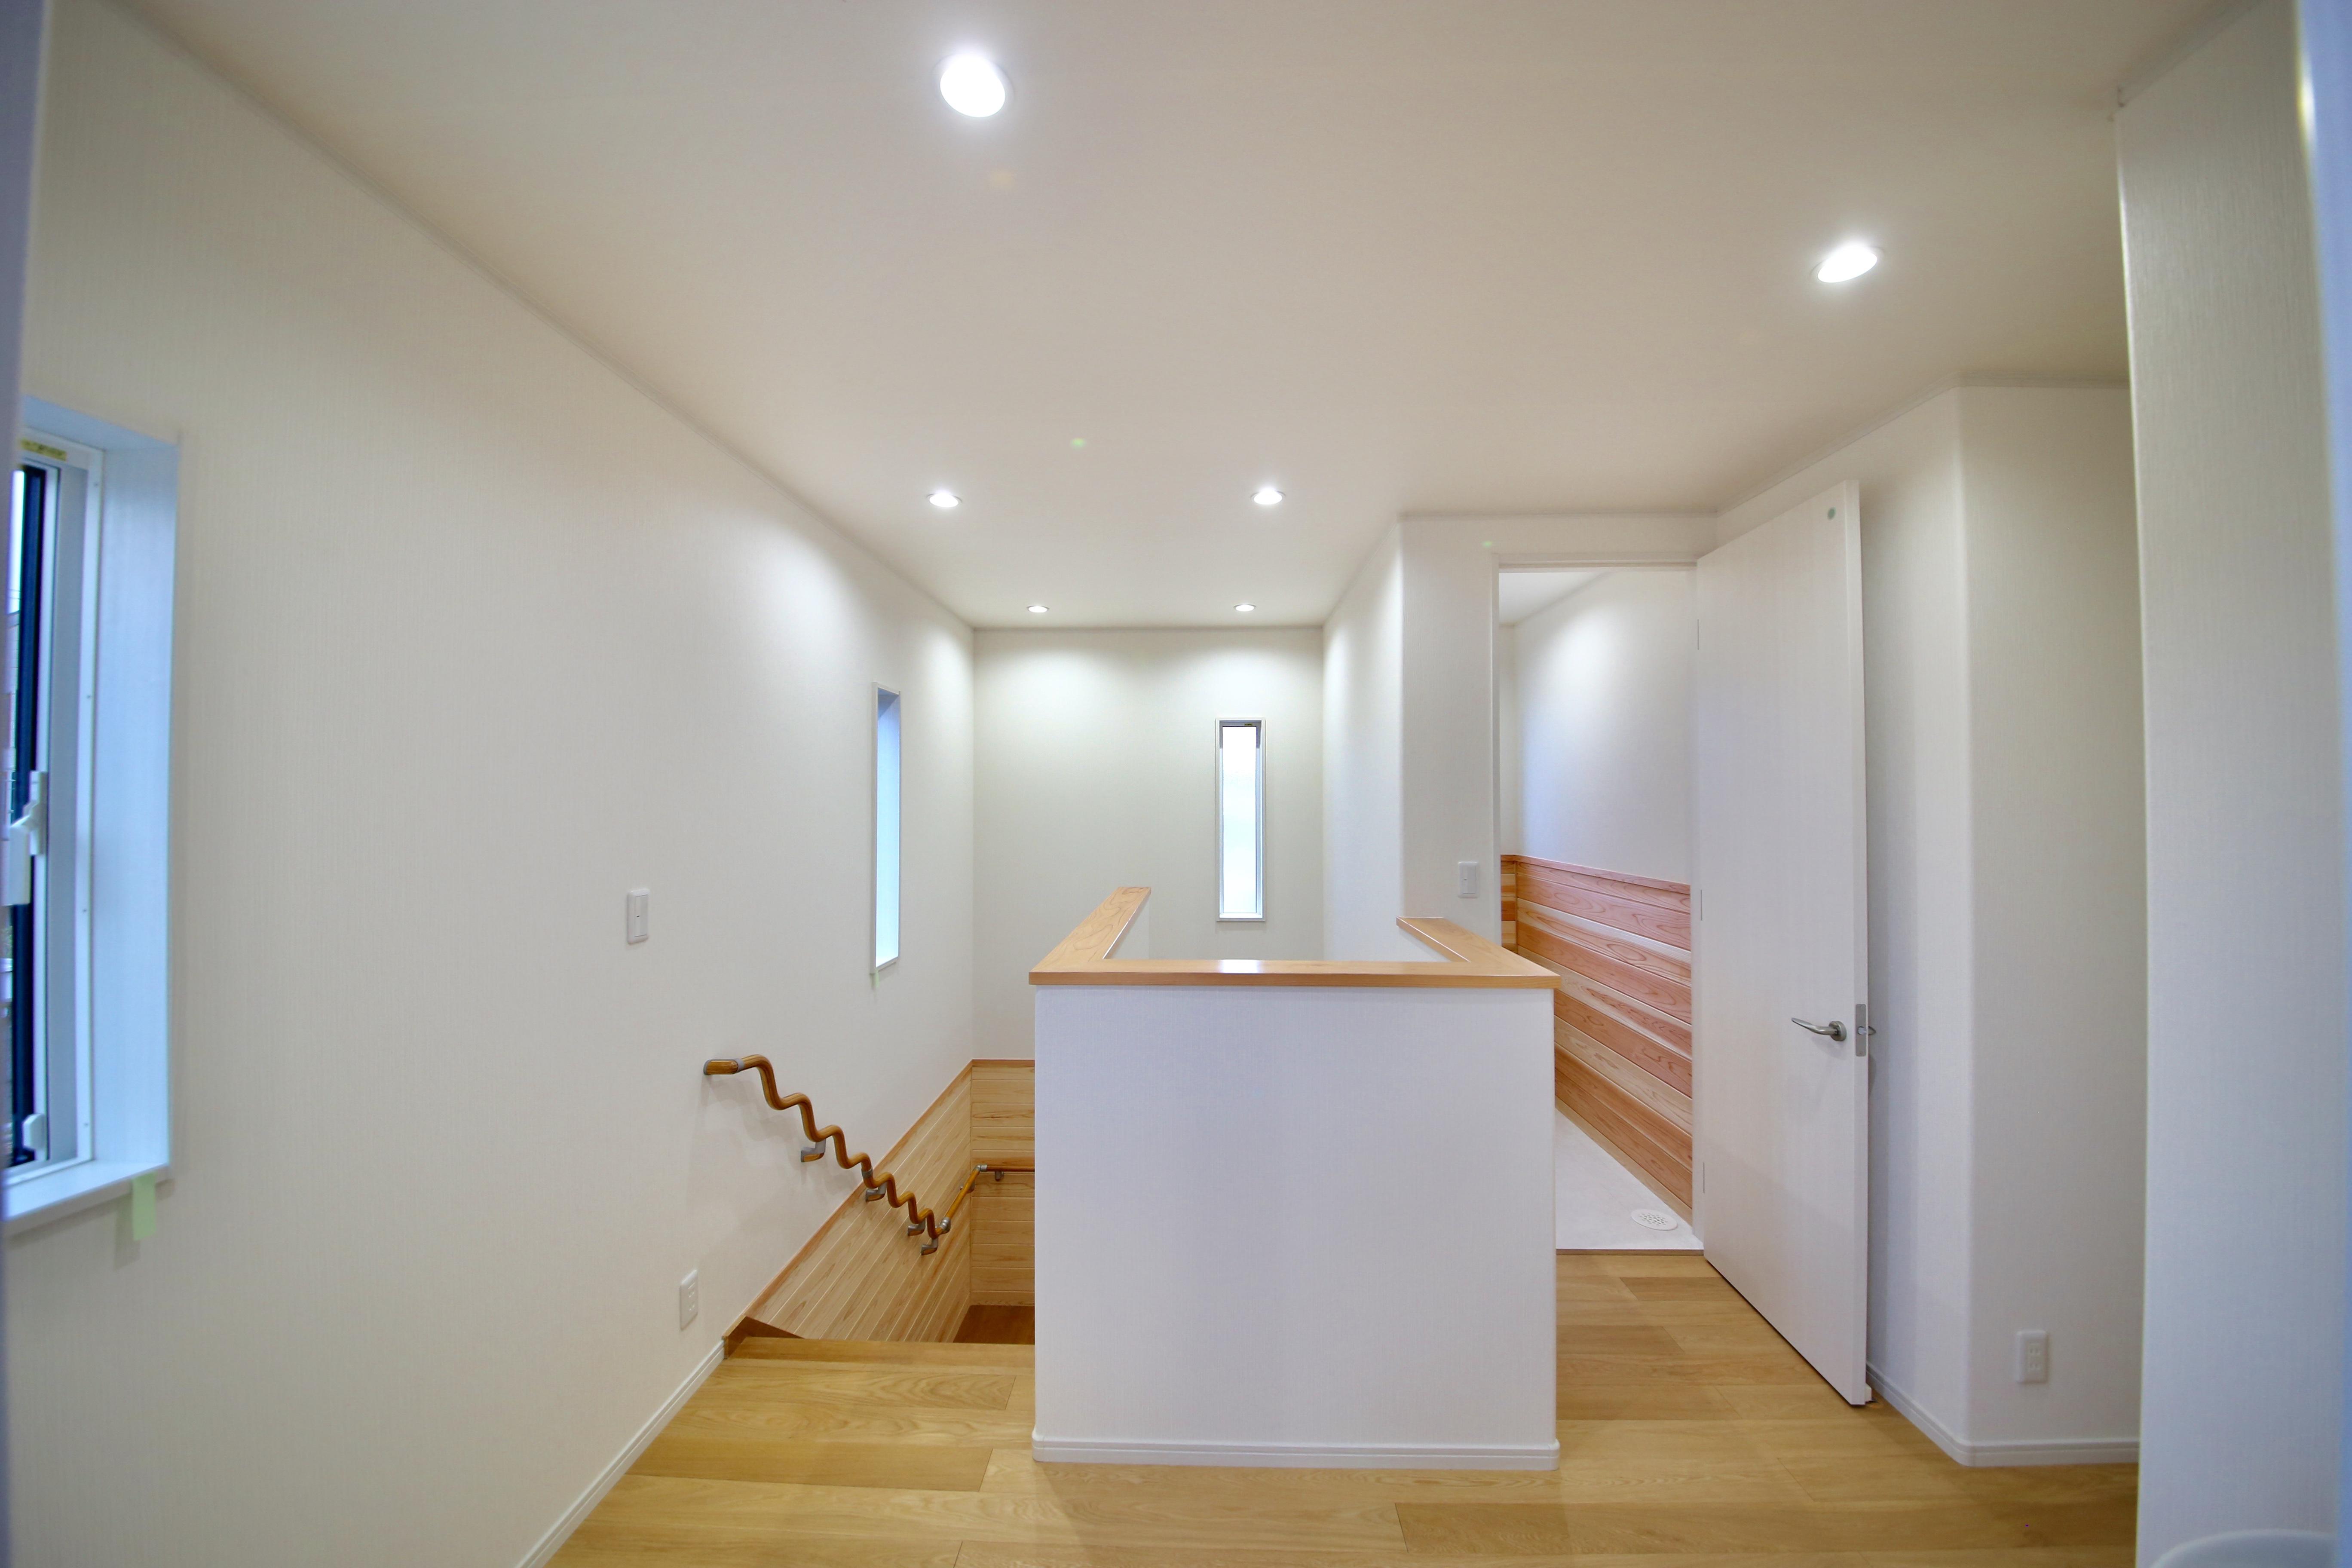 2階ホールは白く明るい印象。各方向に採光のための窓を設けた